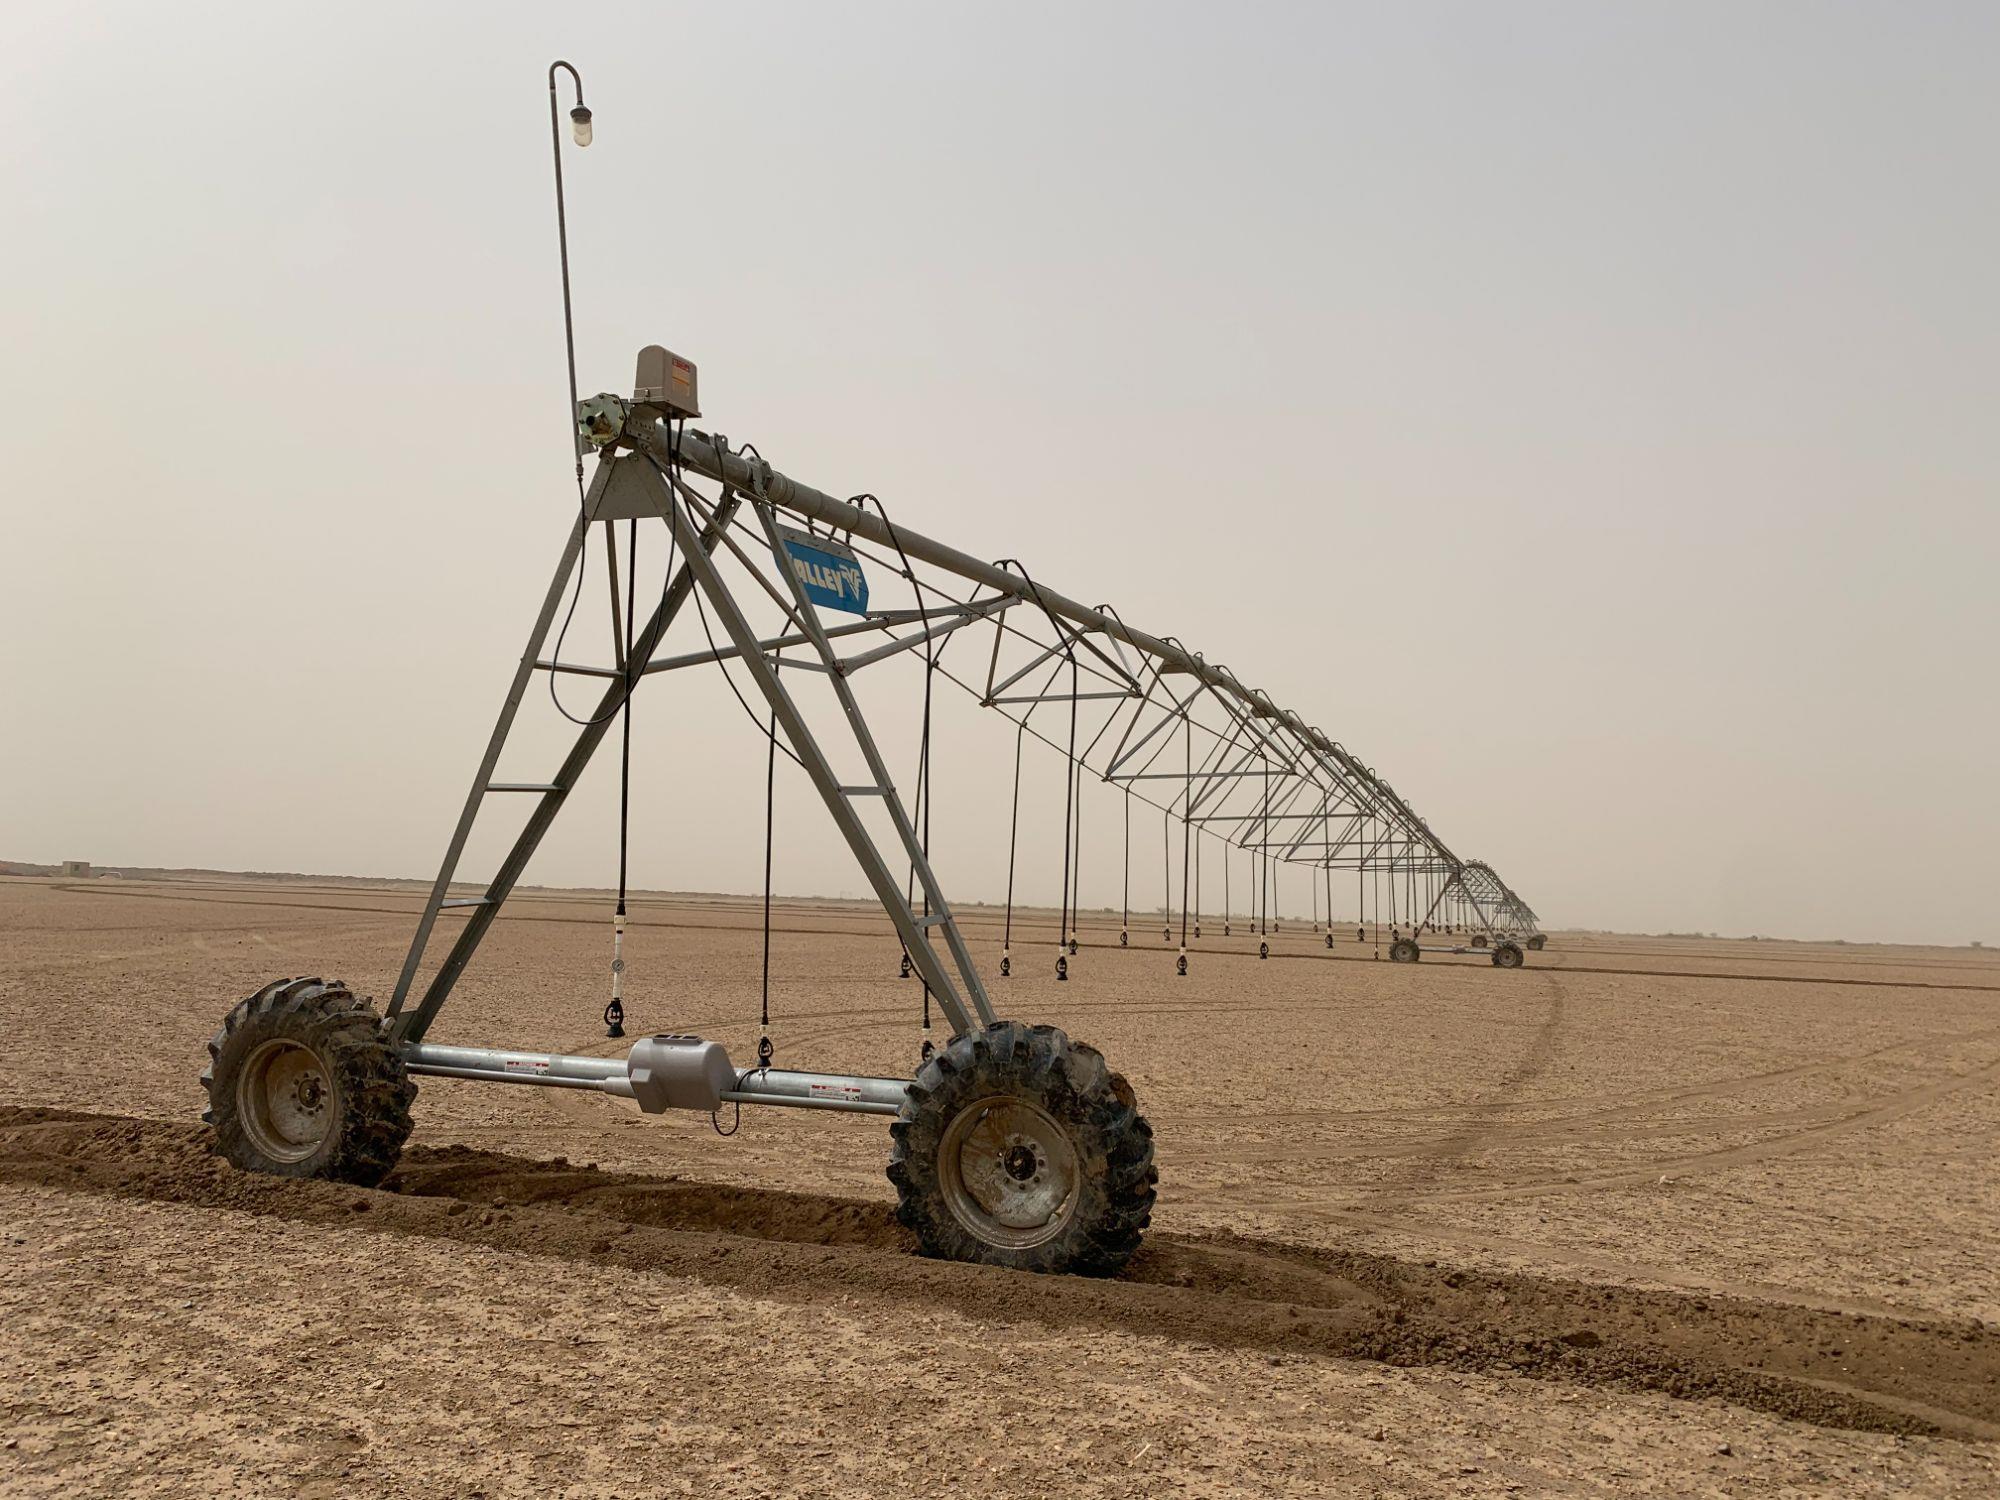 Projeto brasileiro de pivô movido a energia solar transforma agricultura no Sudão, Projeto brasileiro de pivô movido a energia solar transforma agricultura no Sudão